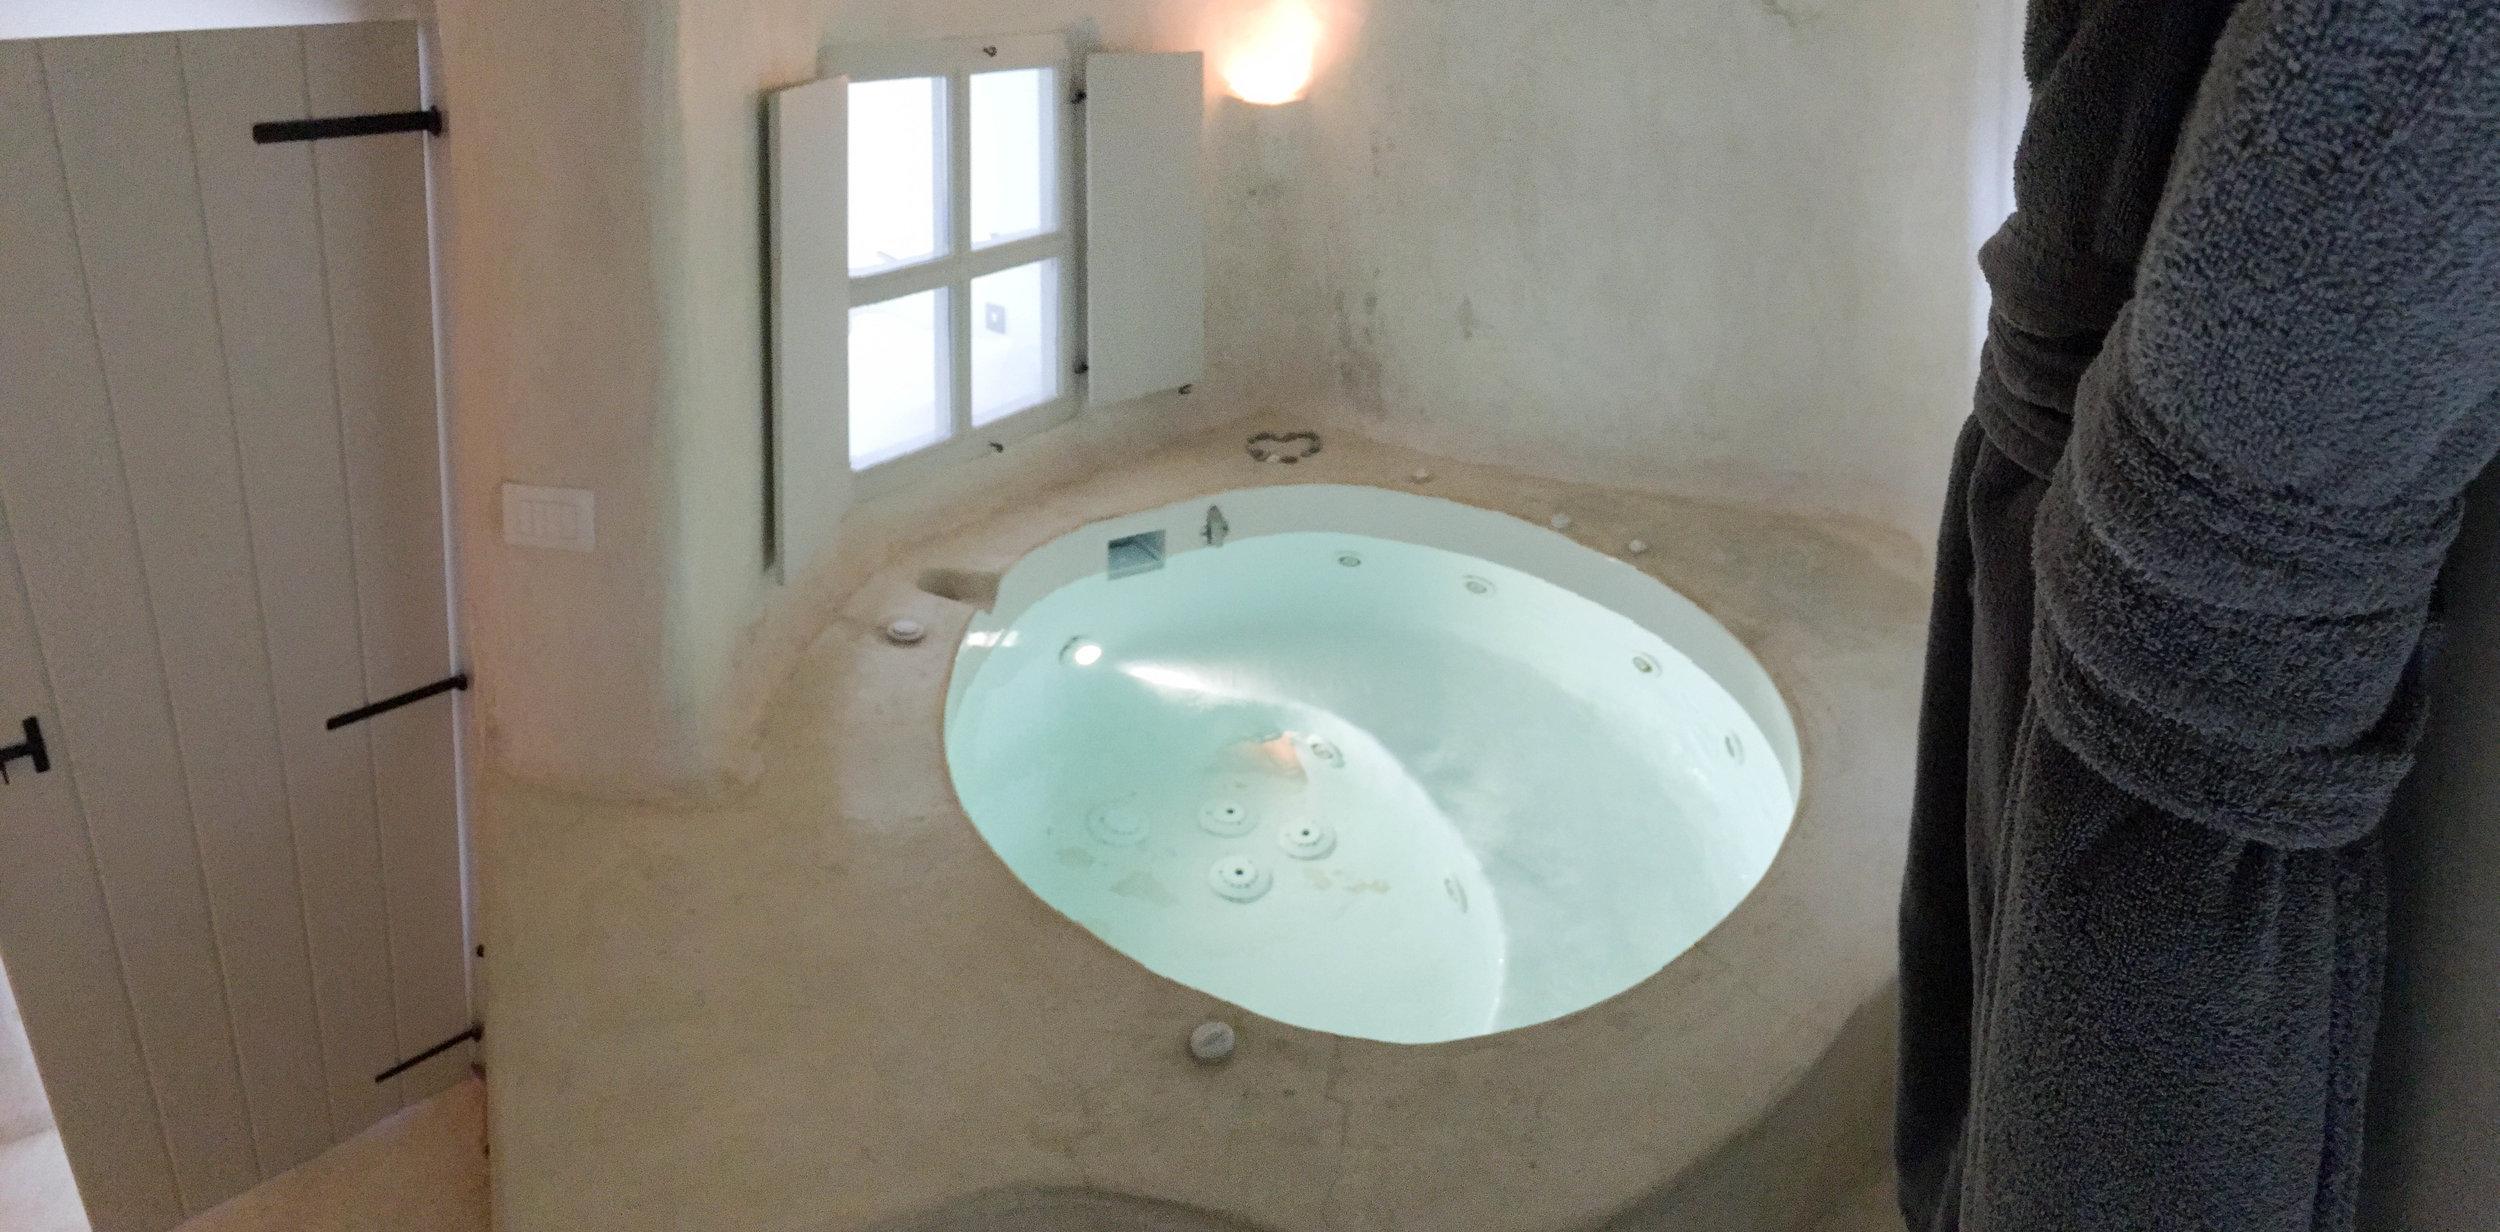 Our room at Kapari Natural Resort, Santorini, Greece